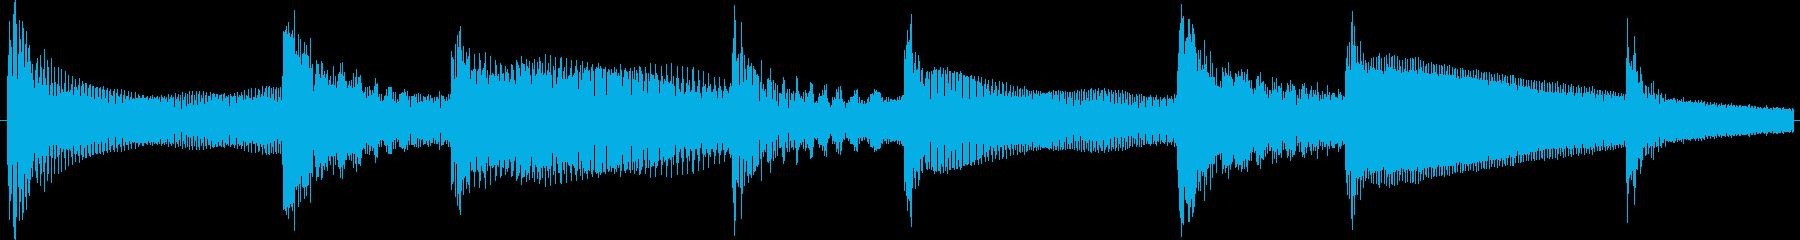 ベースとベルシャワーのループ向け素材の再生済みの波形